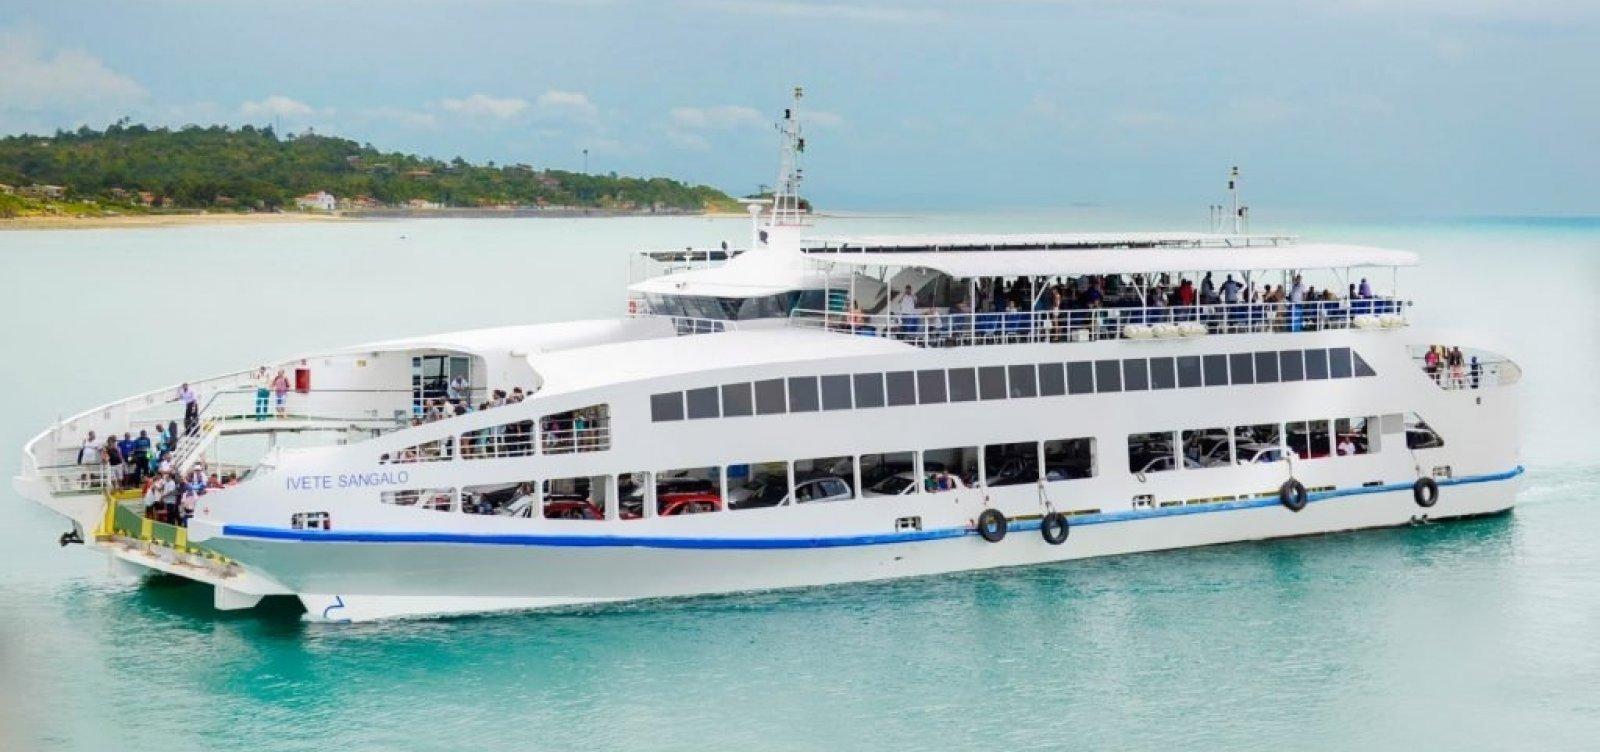 [Ferry registra três horas de espera para veículos em Bom Despacho]